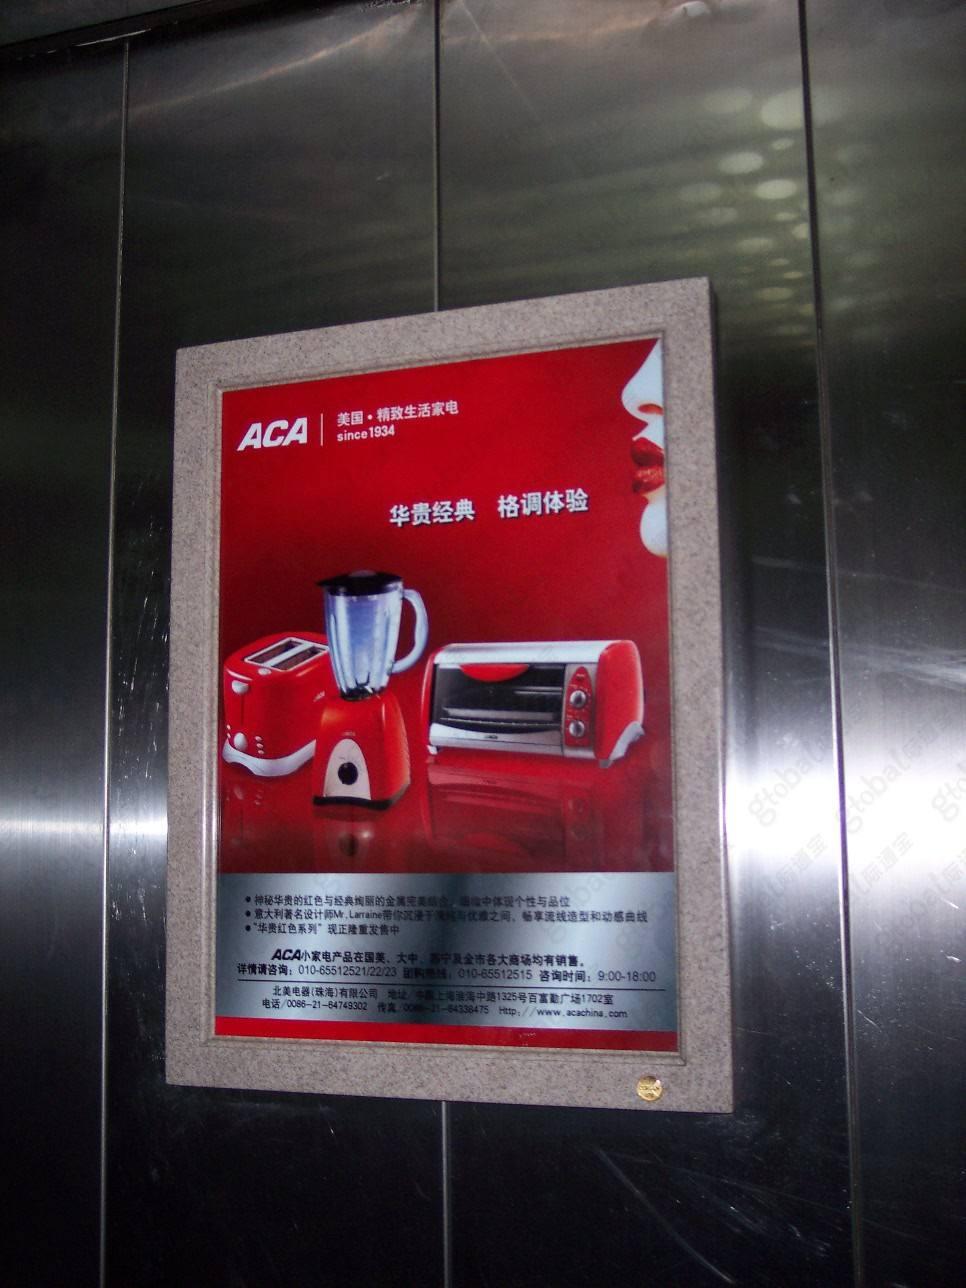 海口高端小区电梯广告-分众资源低至2折